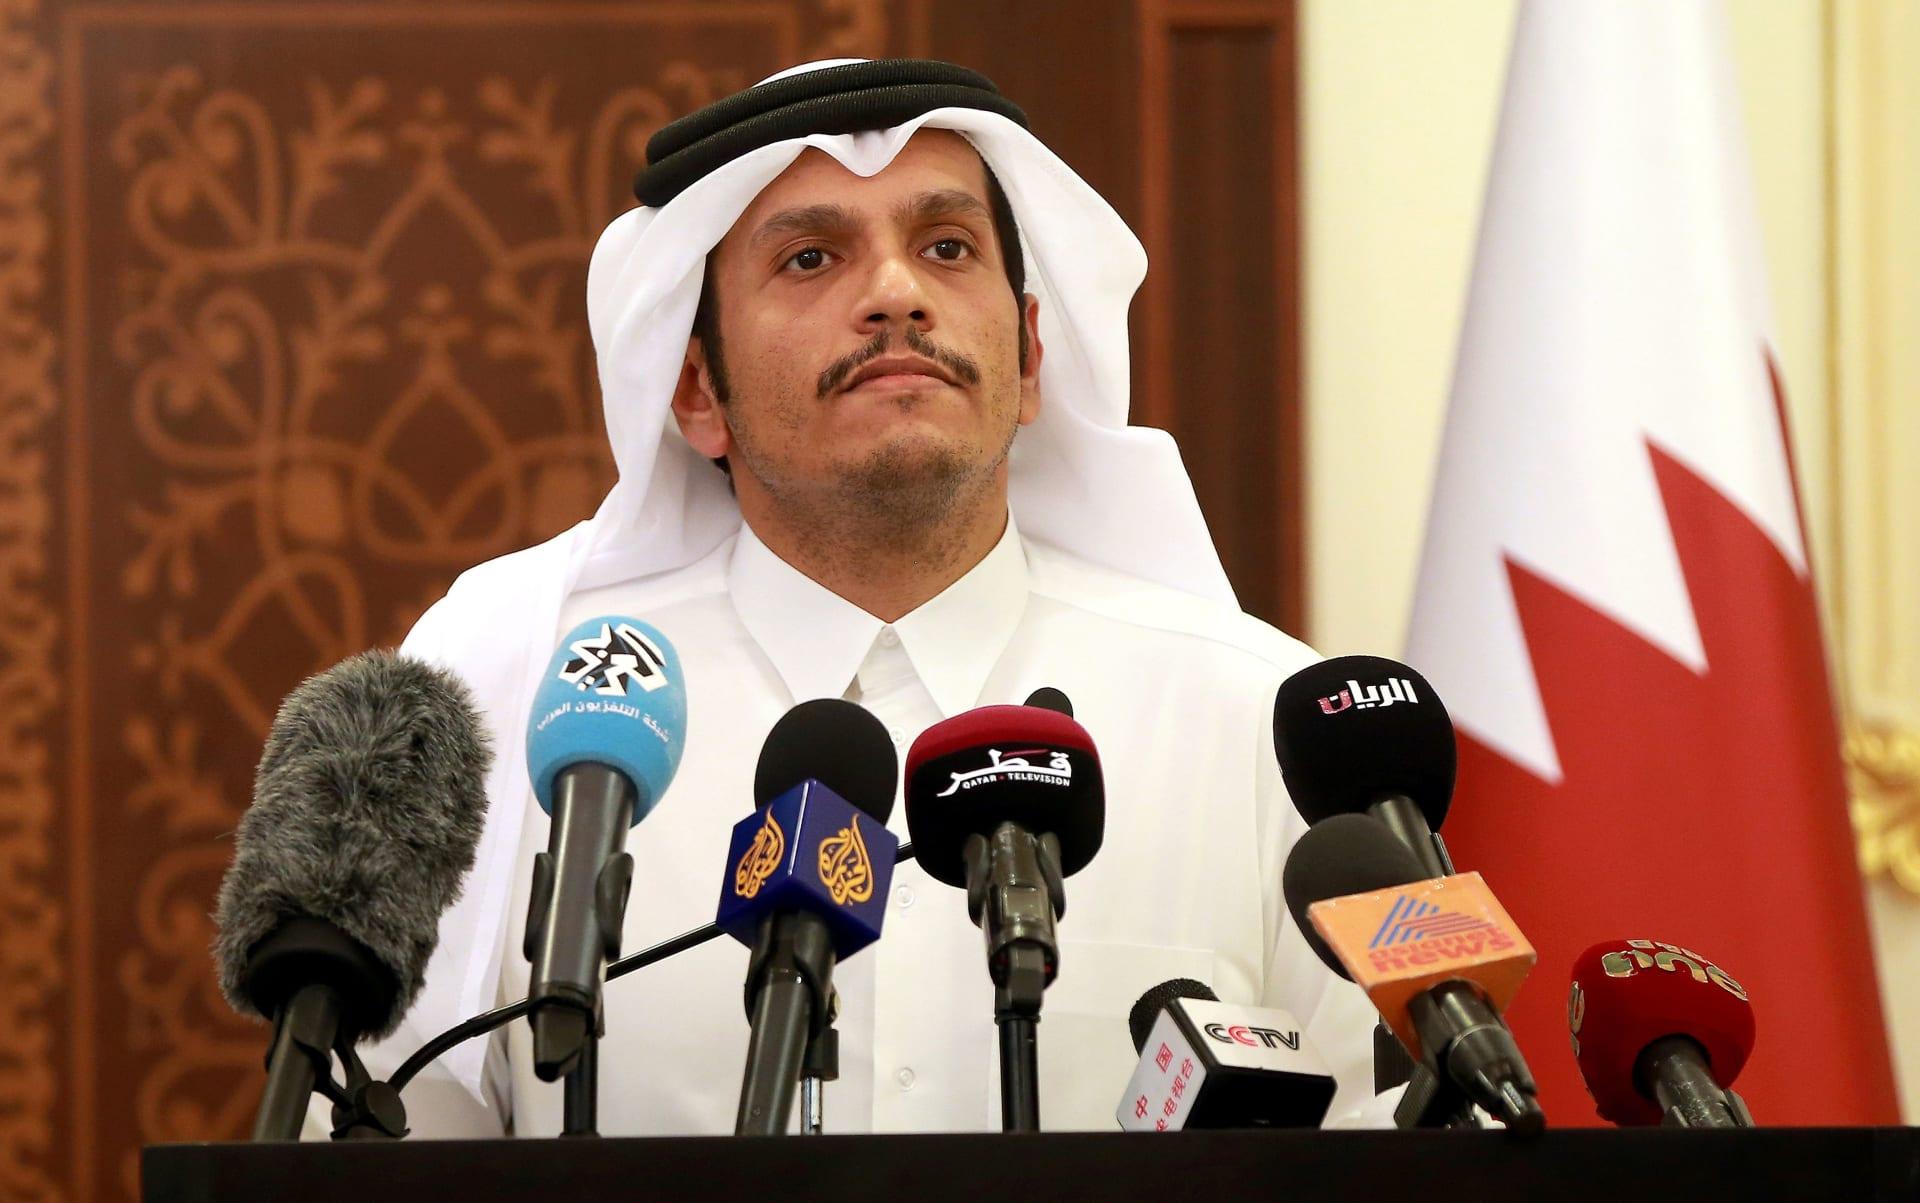 """وزير خارجية قطر عن """"إلهاء الشعوب بأزمات مفتعلة"""": الشمس لا تغطى بغربال"""